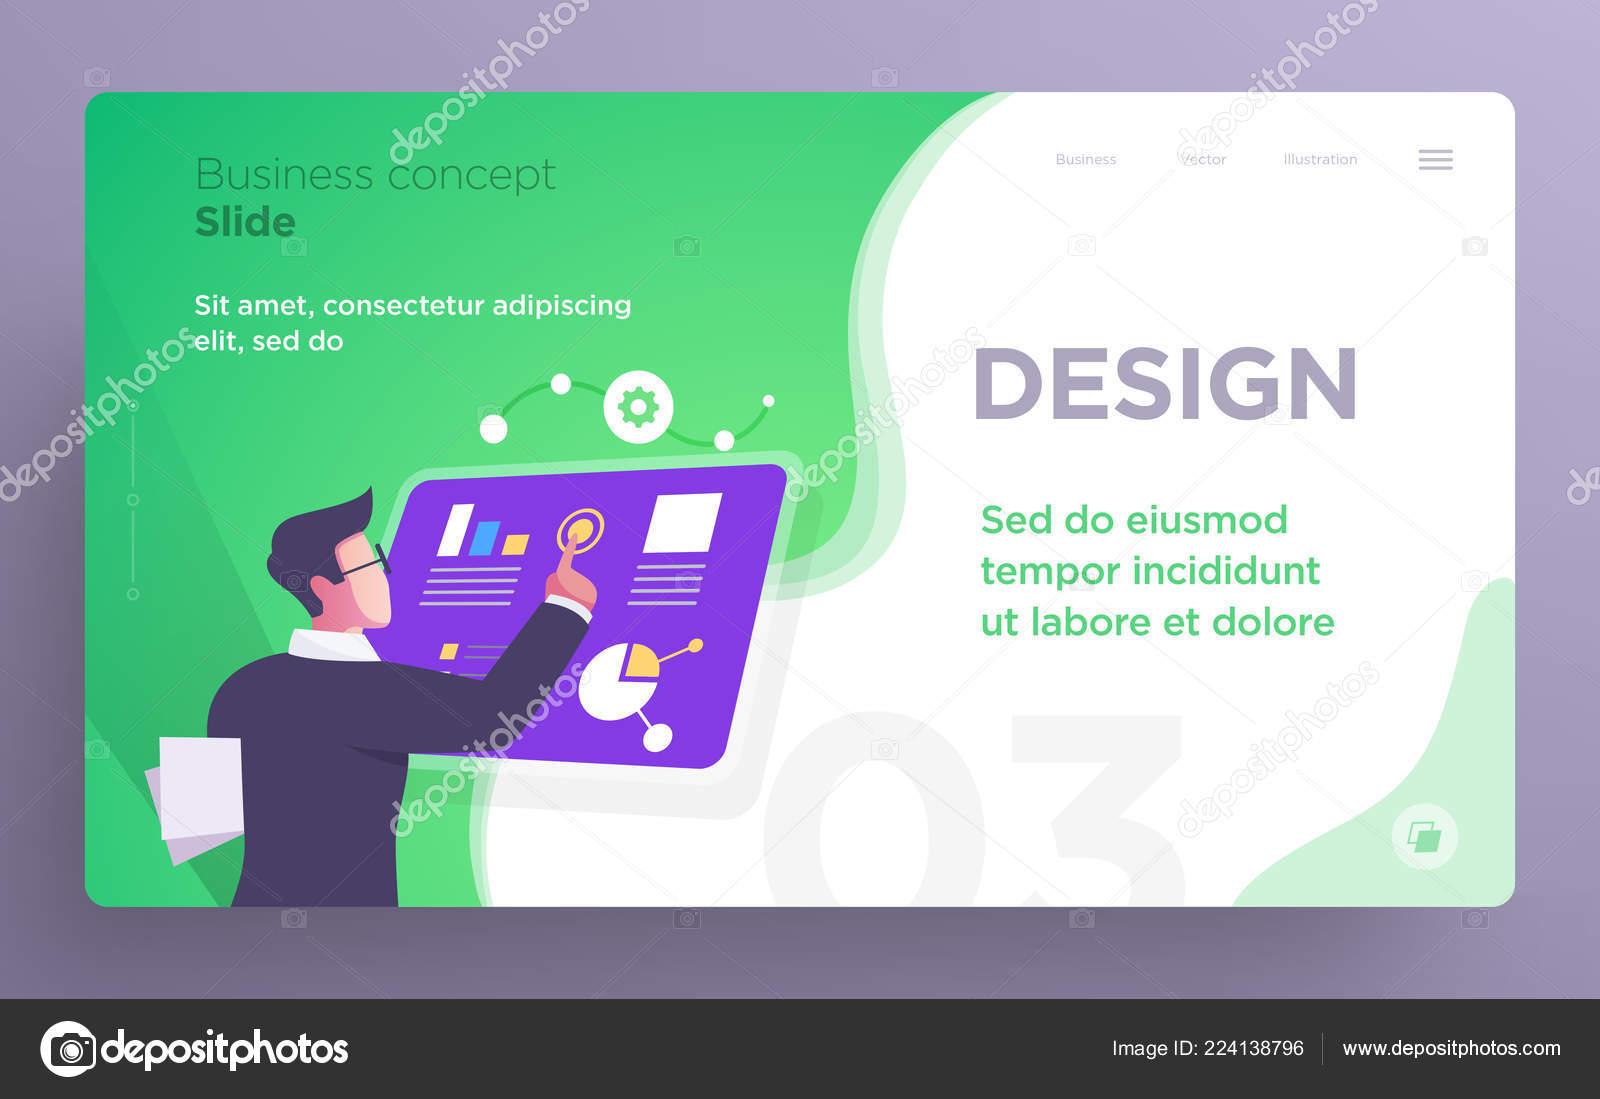 presentation slide templates hero banner images websites apps